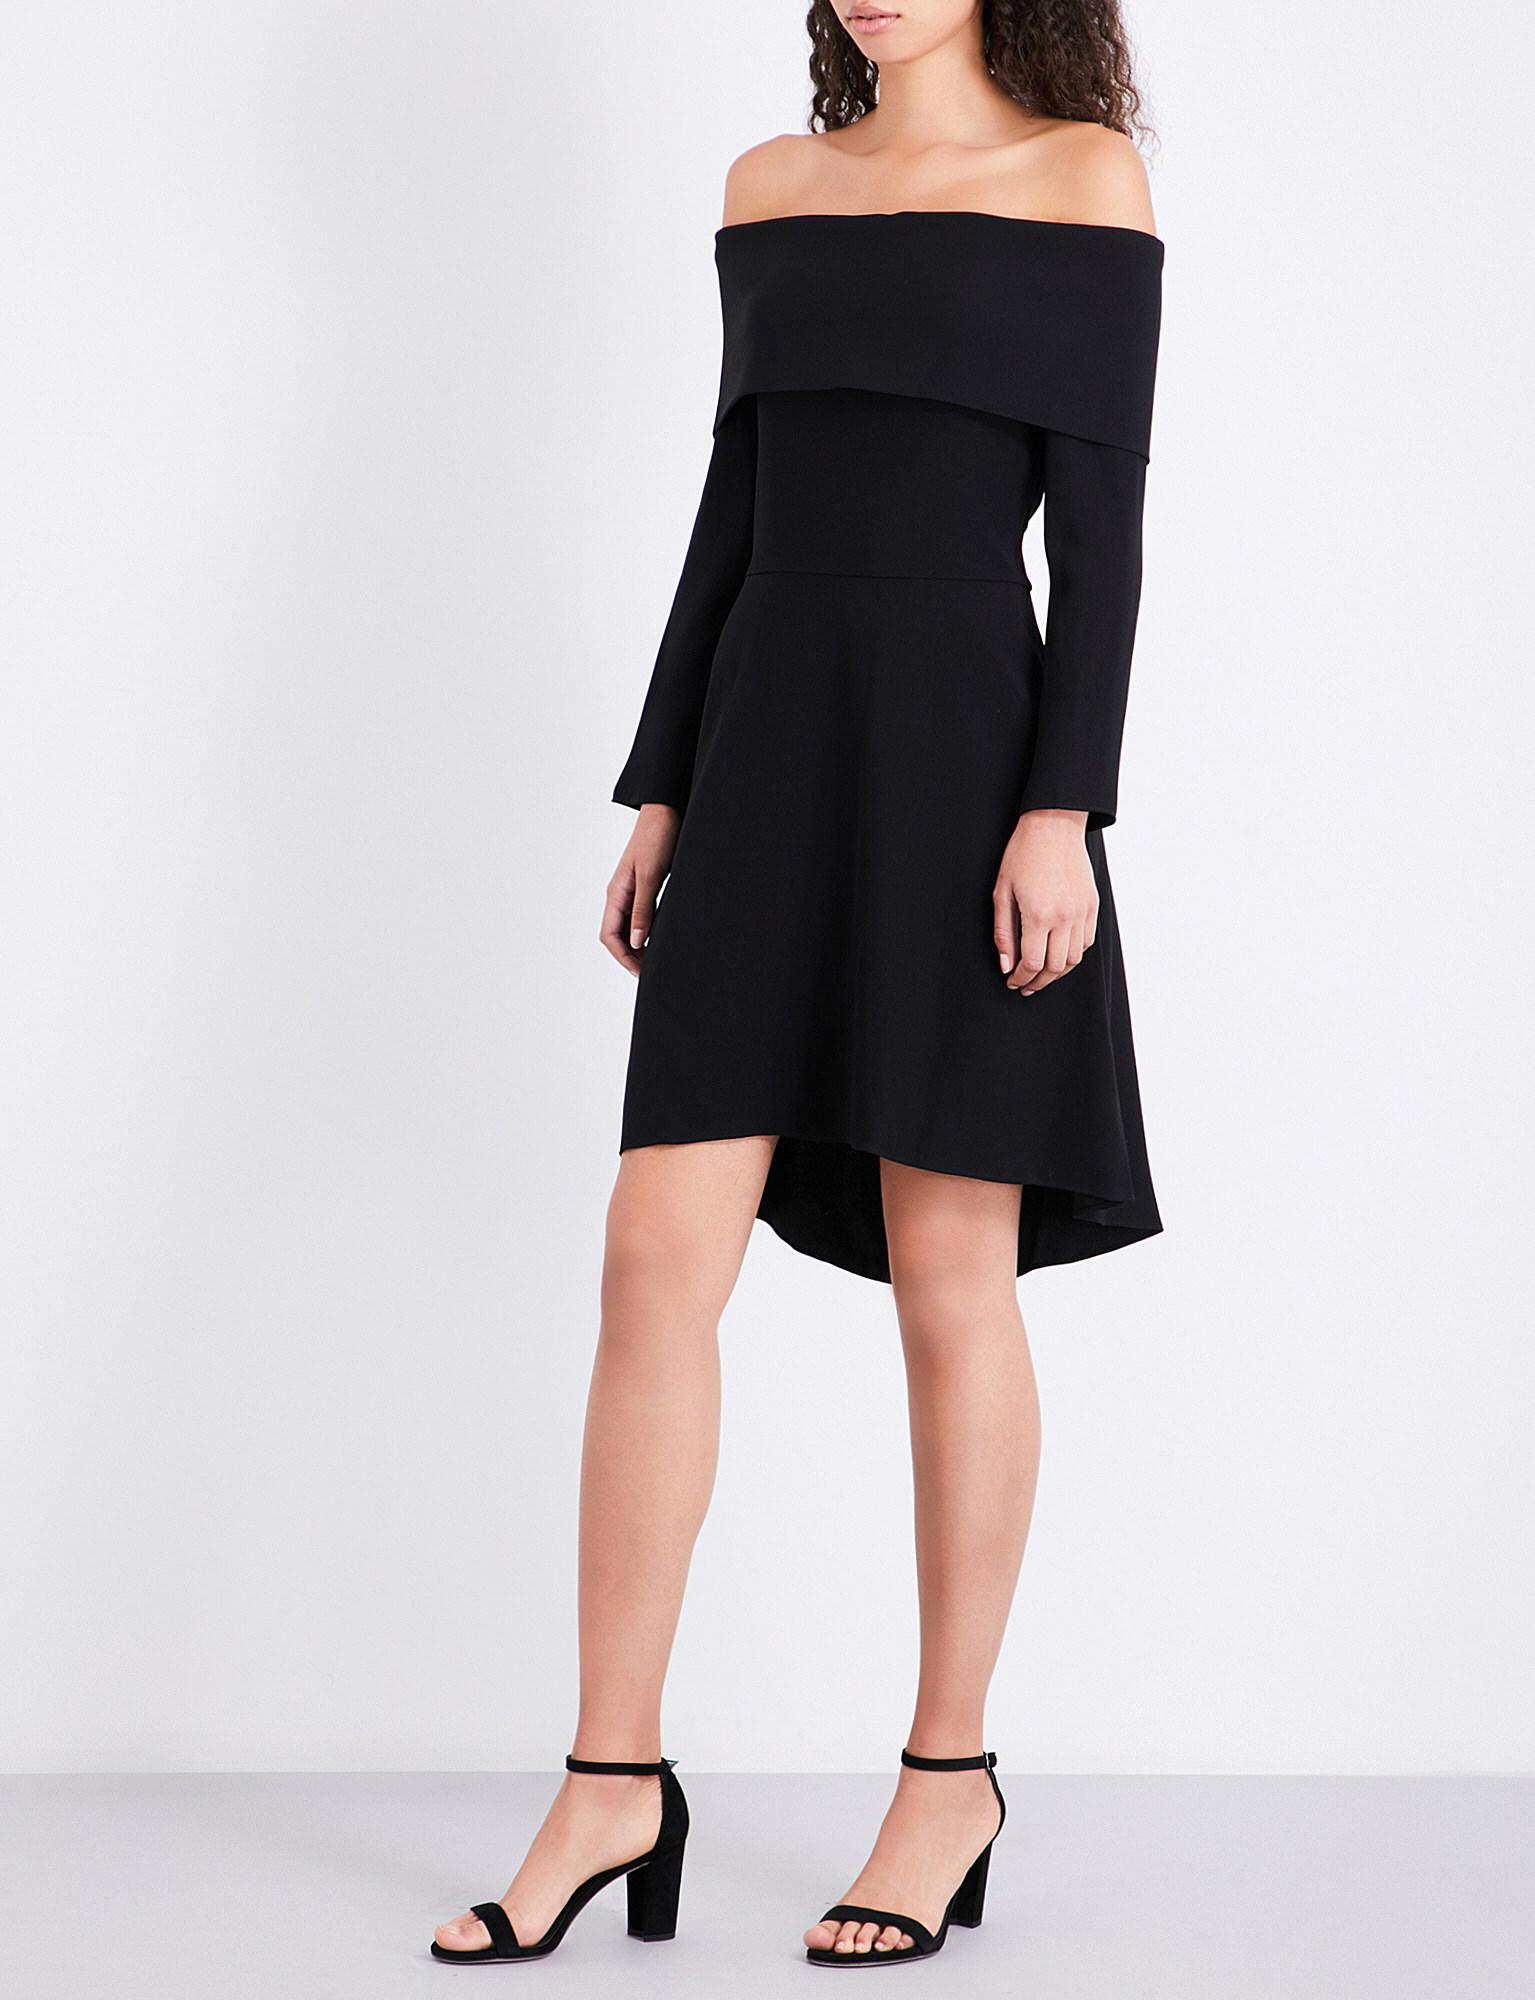 Elegant Mini Dresses